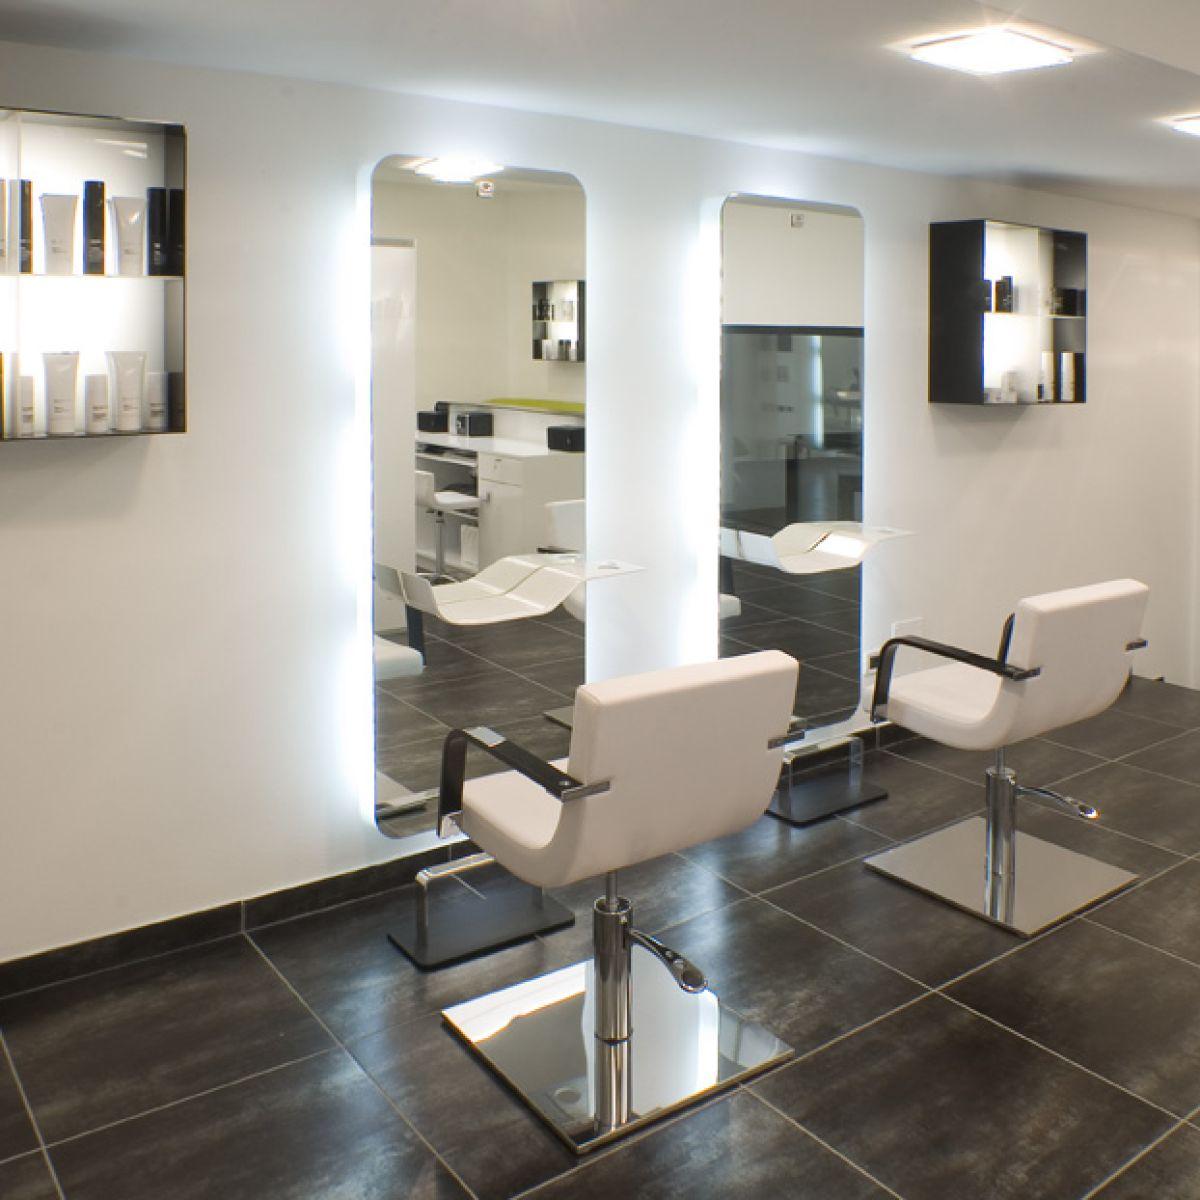 Nelson mobilier produttore mobili per parrucchieri for Arredo parrucchiere